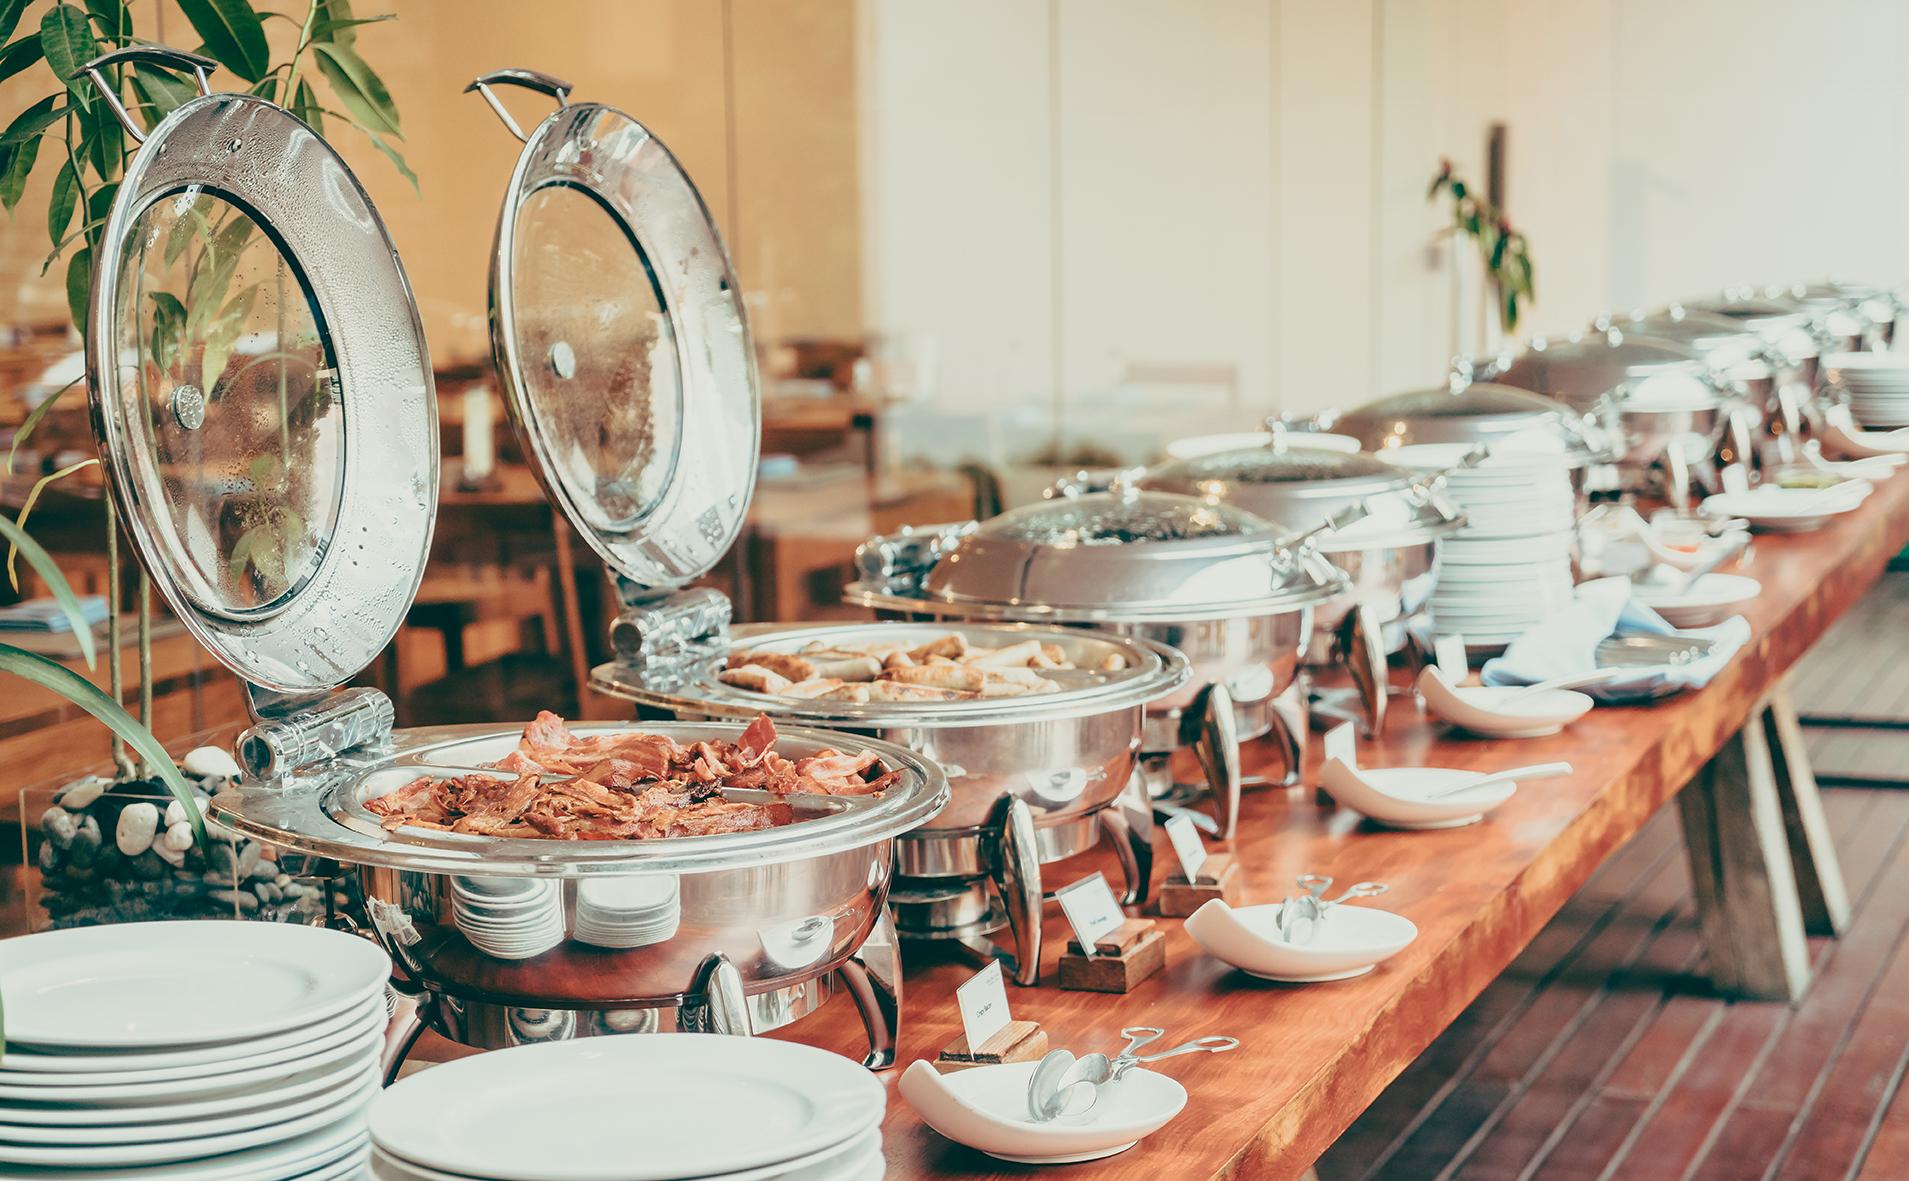 Ponúkame cateringové služby v oblasti gastronómie, výzdoby, zaobstaranie nápojov, detský kútik, technické zabezpečenie, candy bar